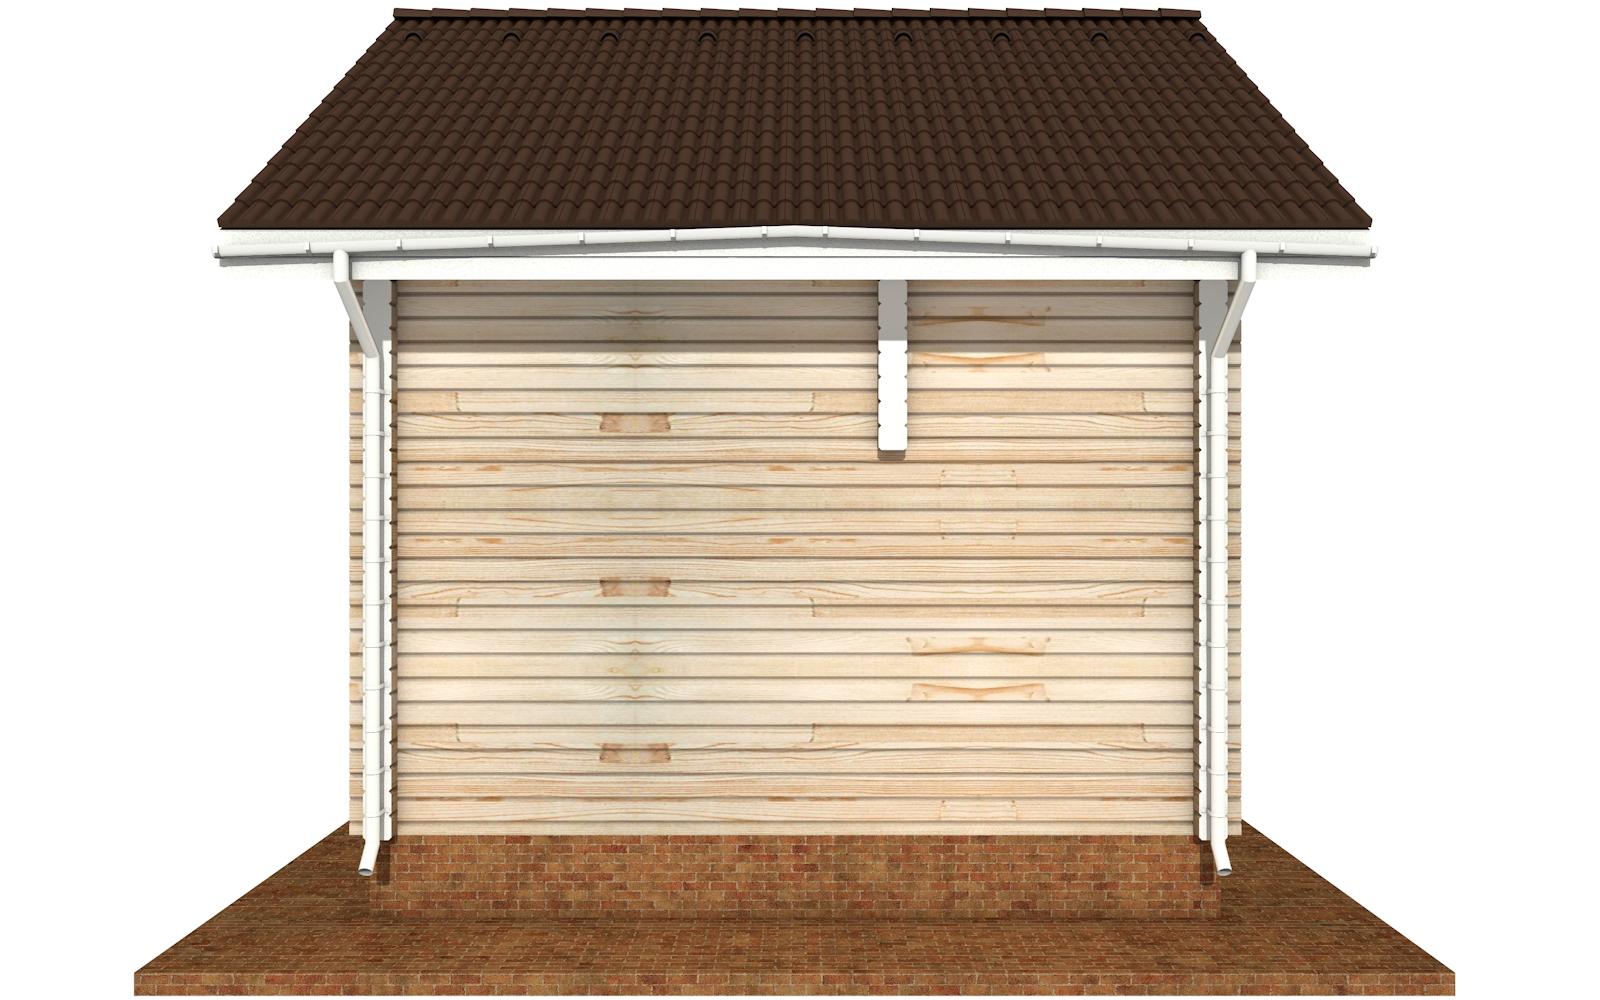 Фото #10: деревянный дом ПДБ-64 из клееного бруса купить за 7080194 (цена «Под ключ»)